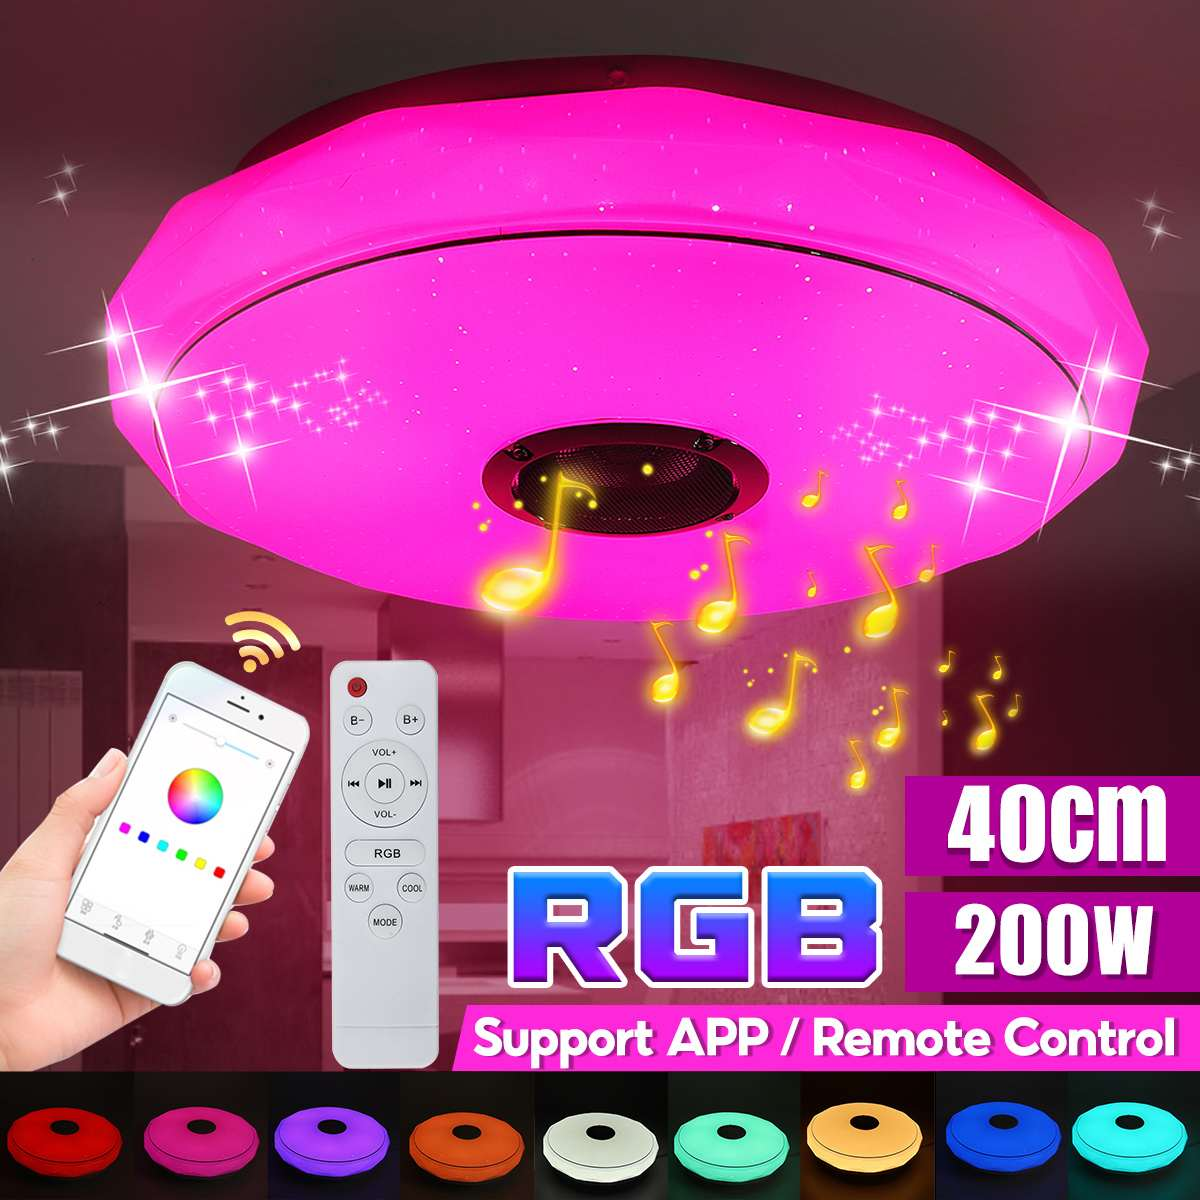 120 واط/200 واط الحديثة RGB LED أضواء السقف المنزل الإضاءة app بلوتوث موسيقى خفيفة مصابيح غرفة نوم مصباح السقف الذكية + التحكم عن بعد